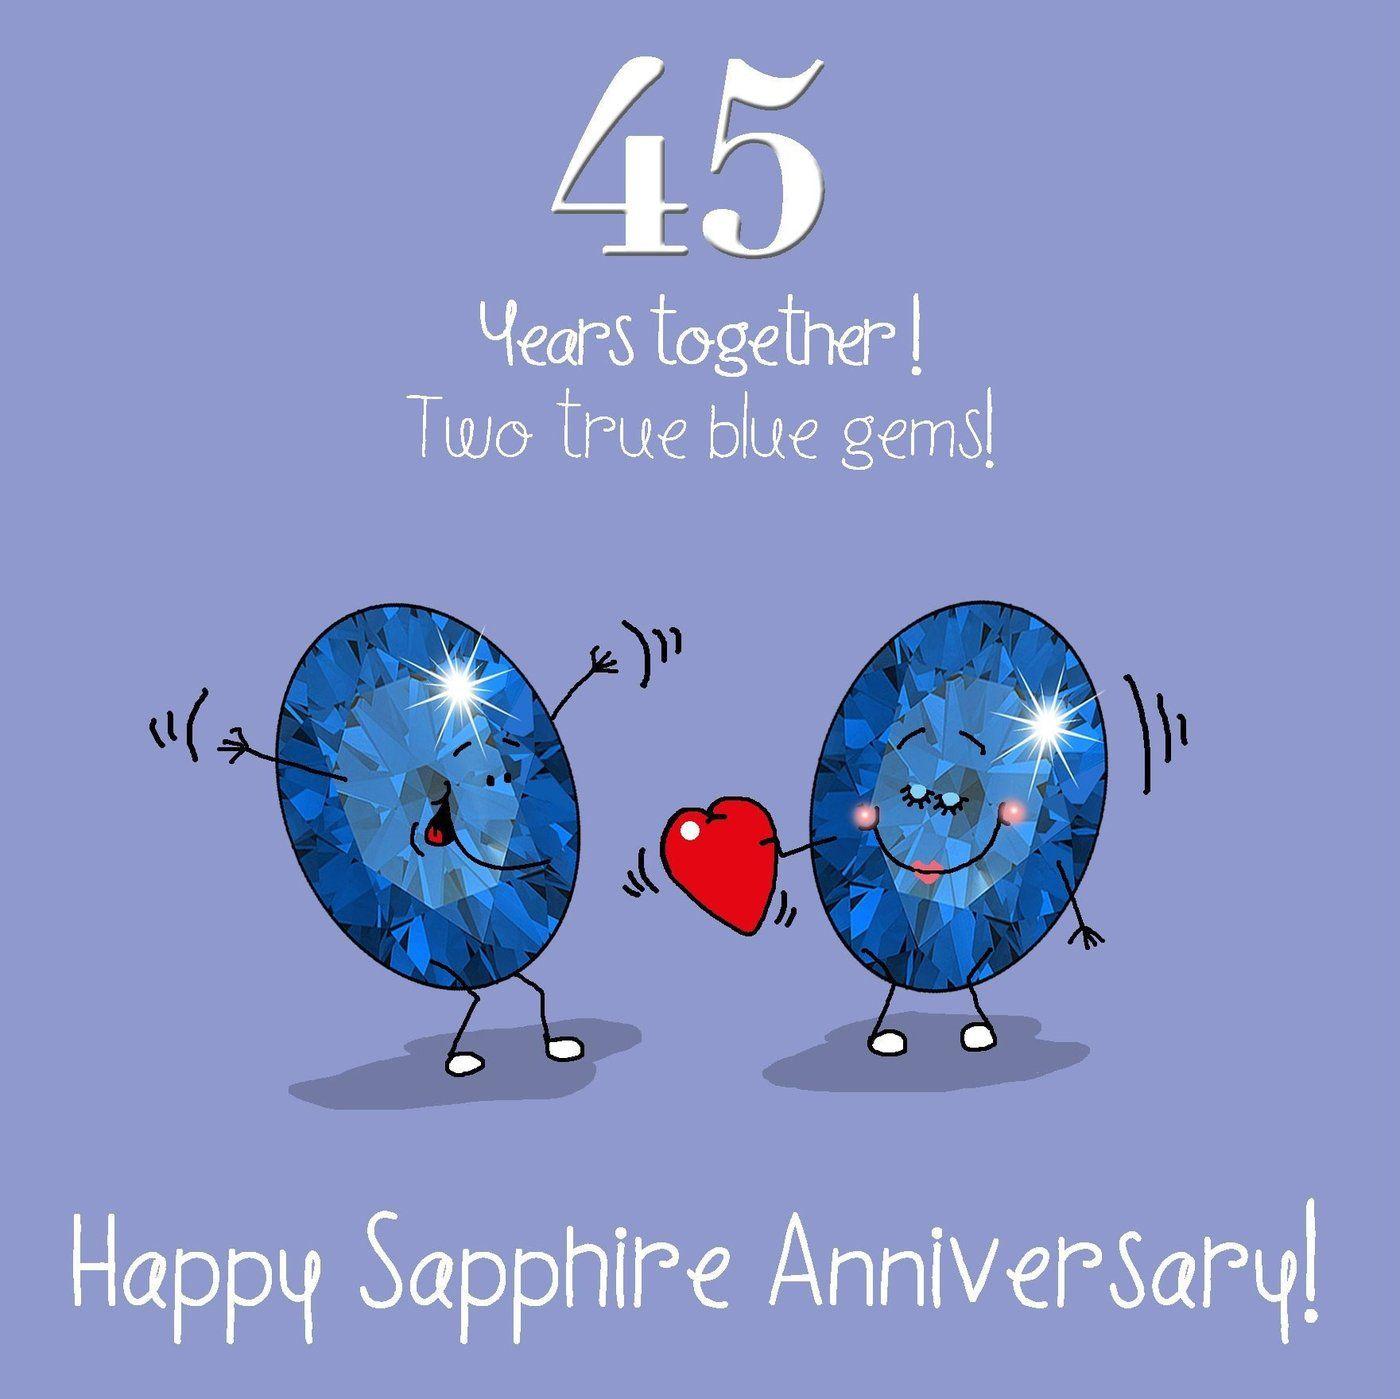 45thweddinganniversarygreetingscardsapphire